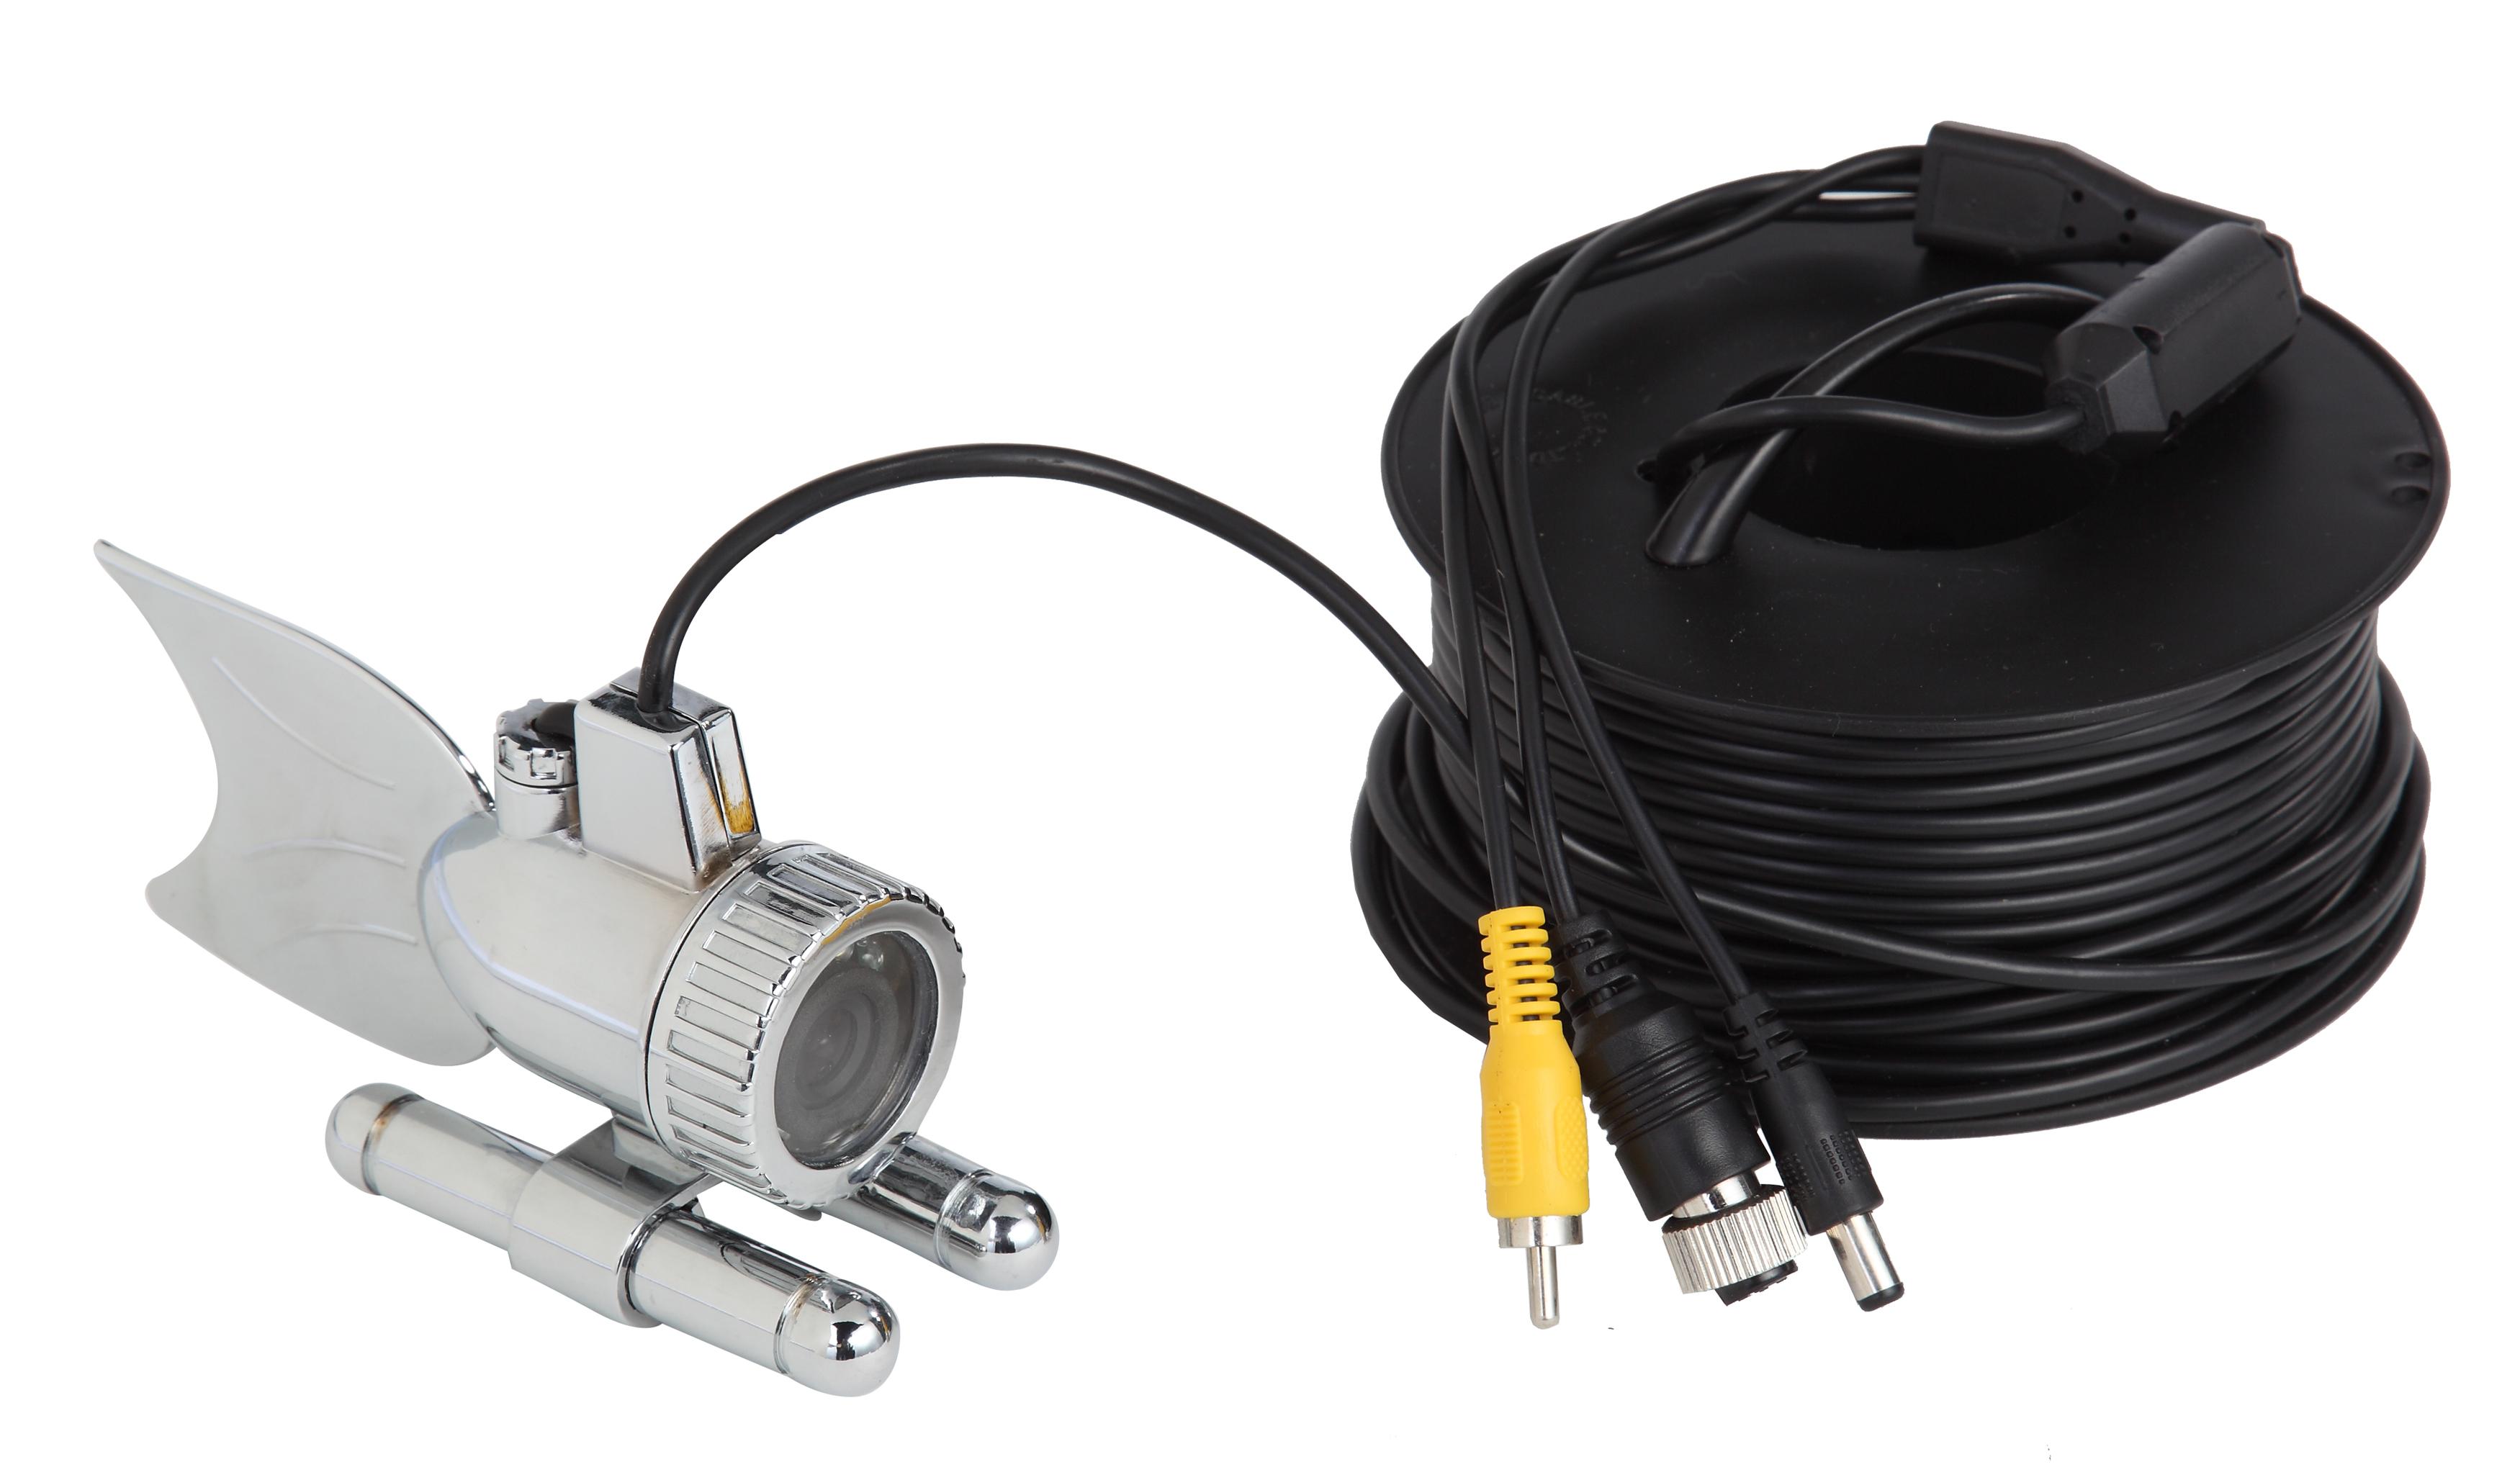 视频监控 摄像机 模拟半球机 > 水下钓鱼摄像头   产品价格:1 最小起